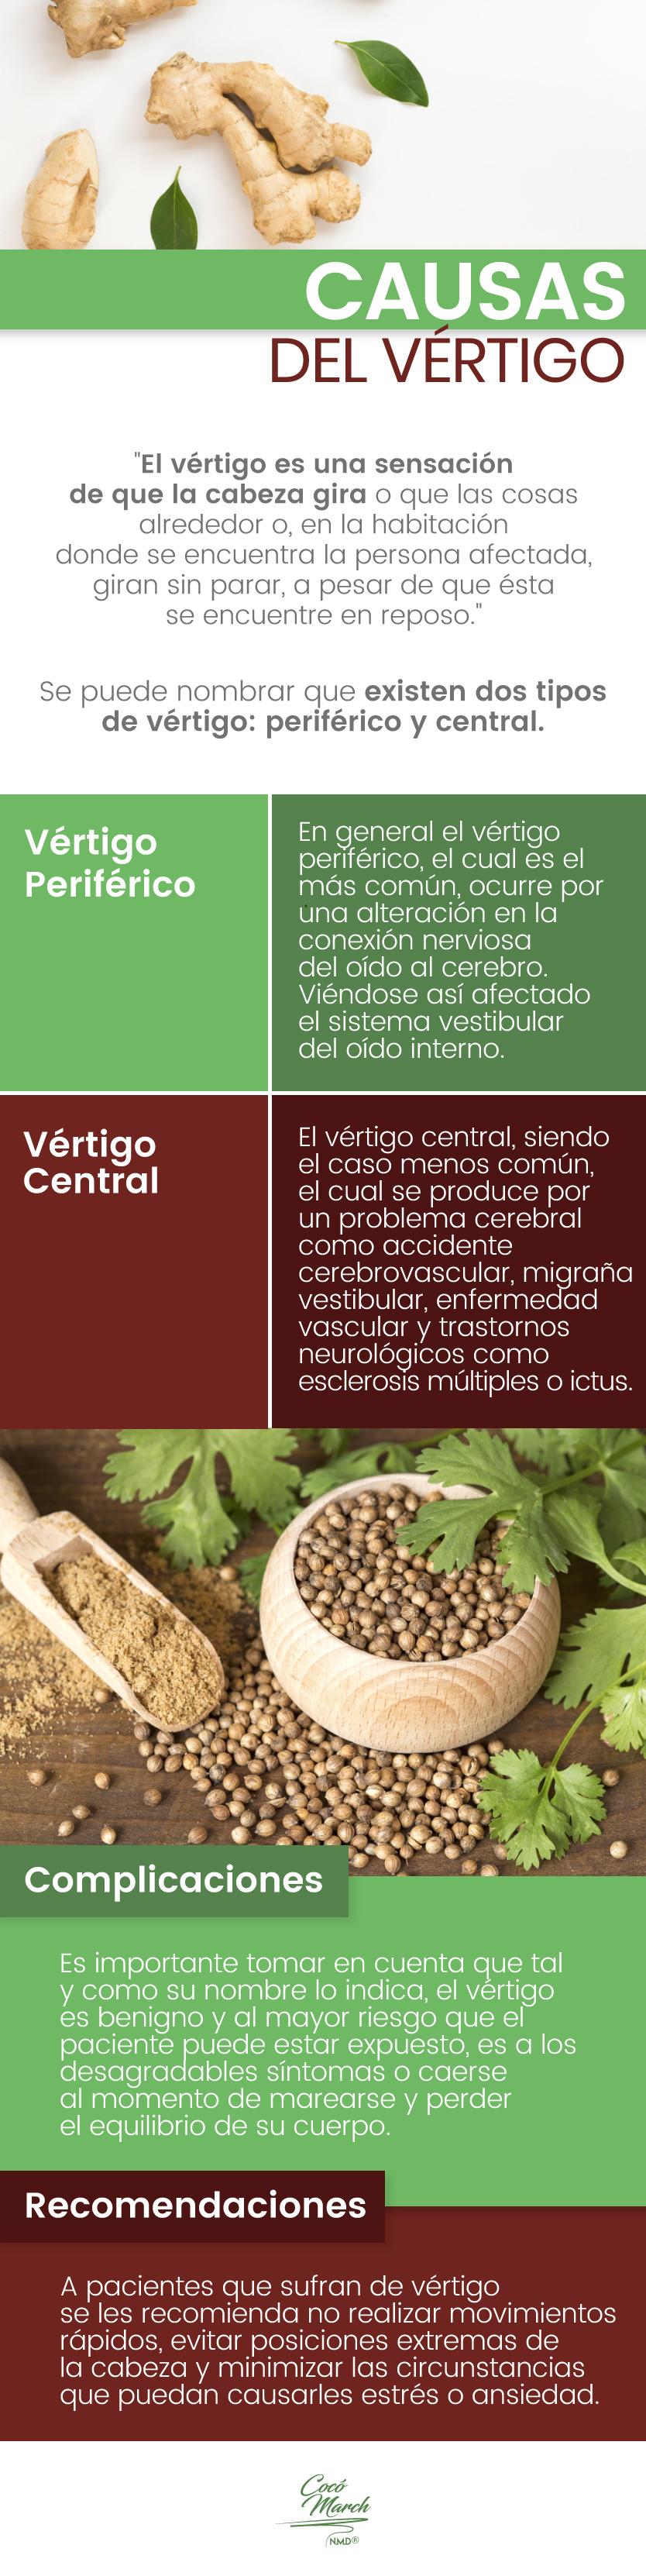 vertigo-causas